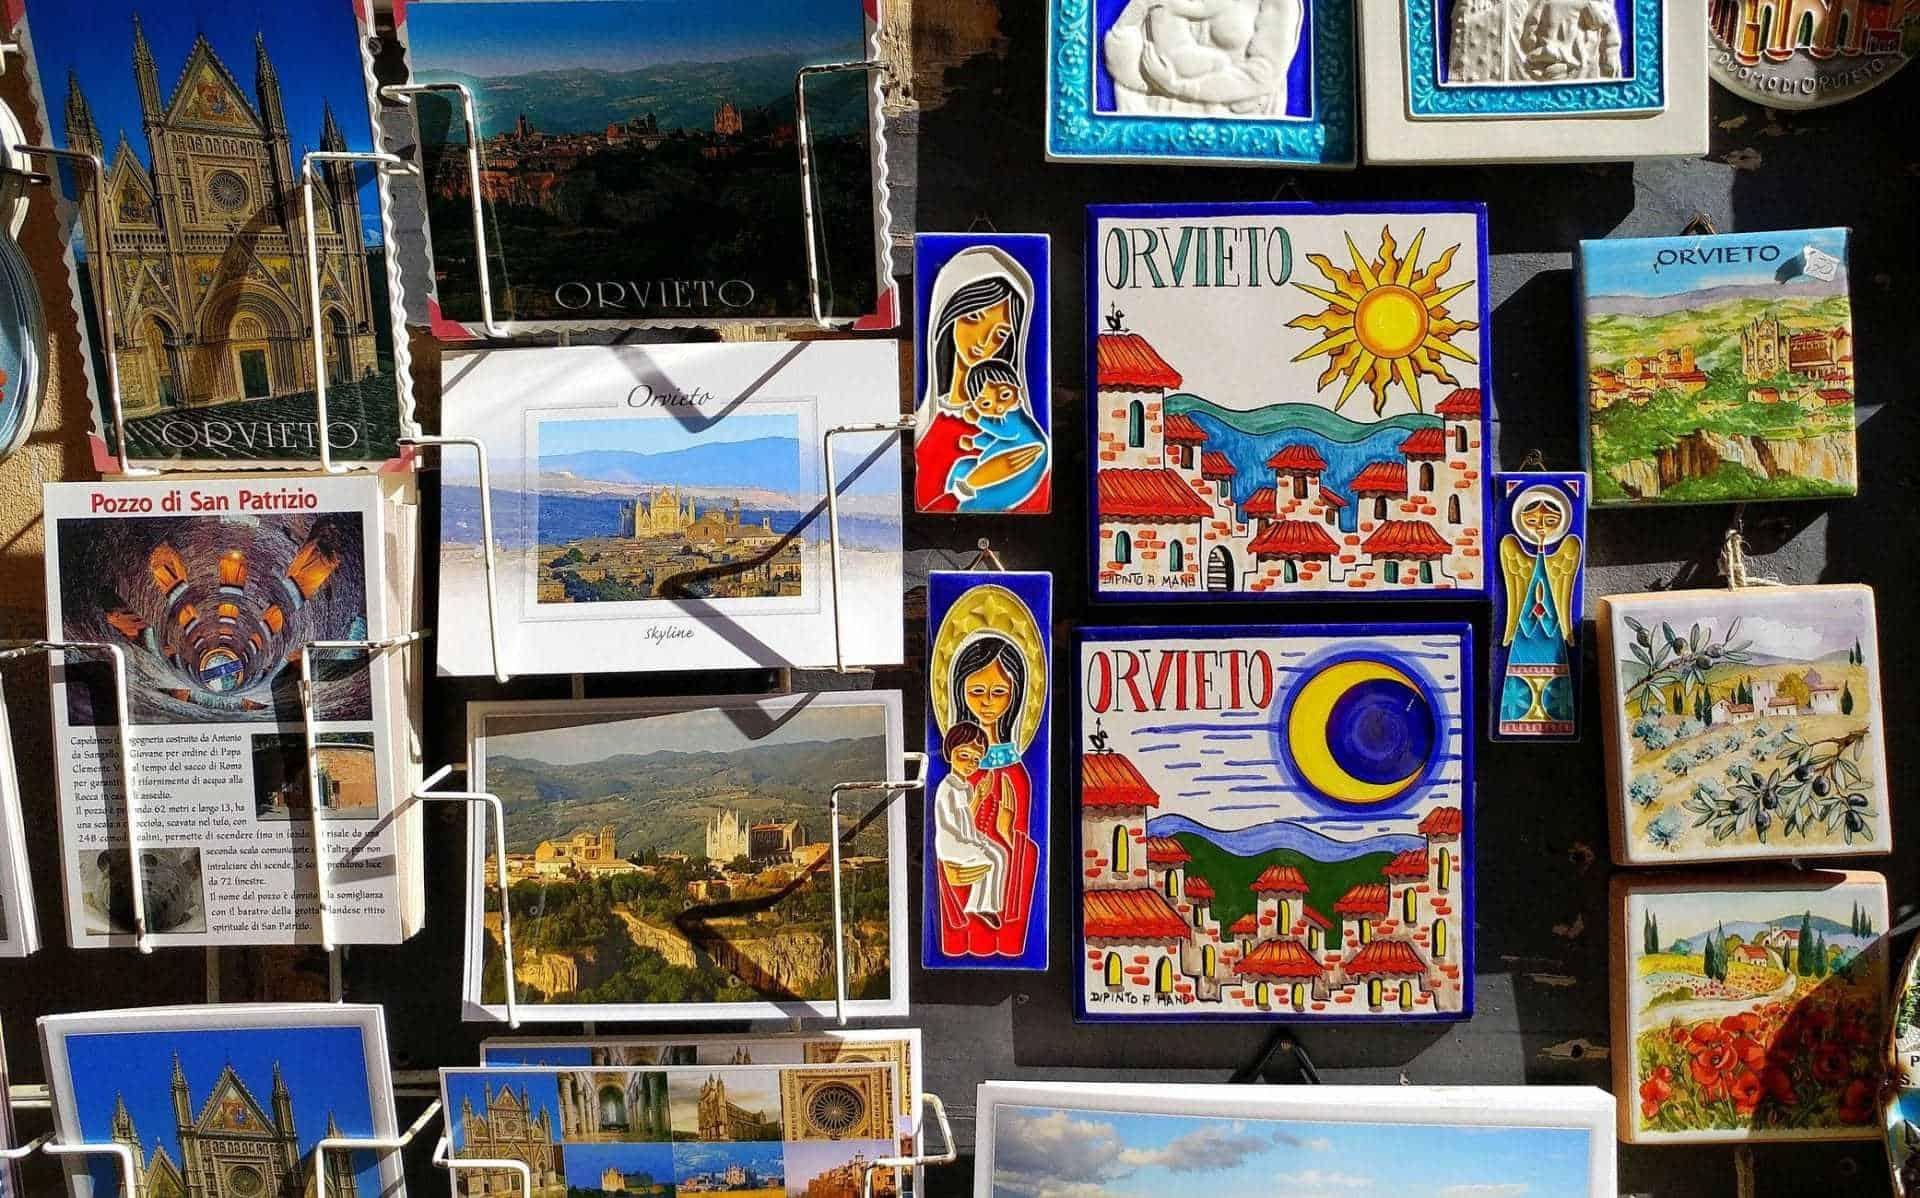 5 cose da fare a Orvieto in un giorno